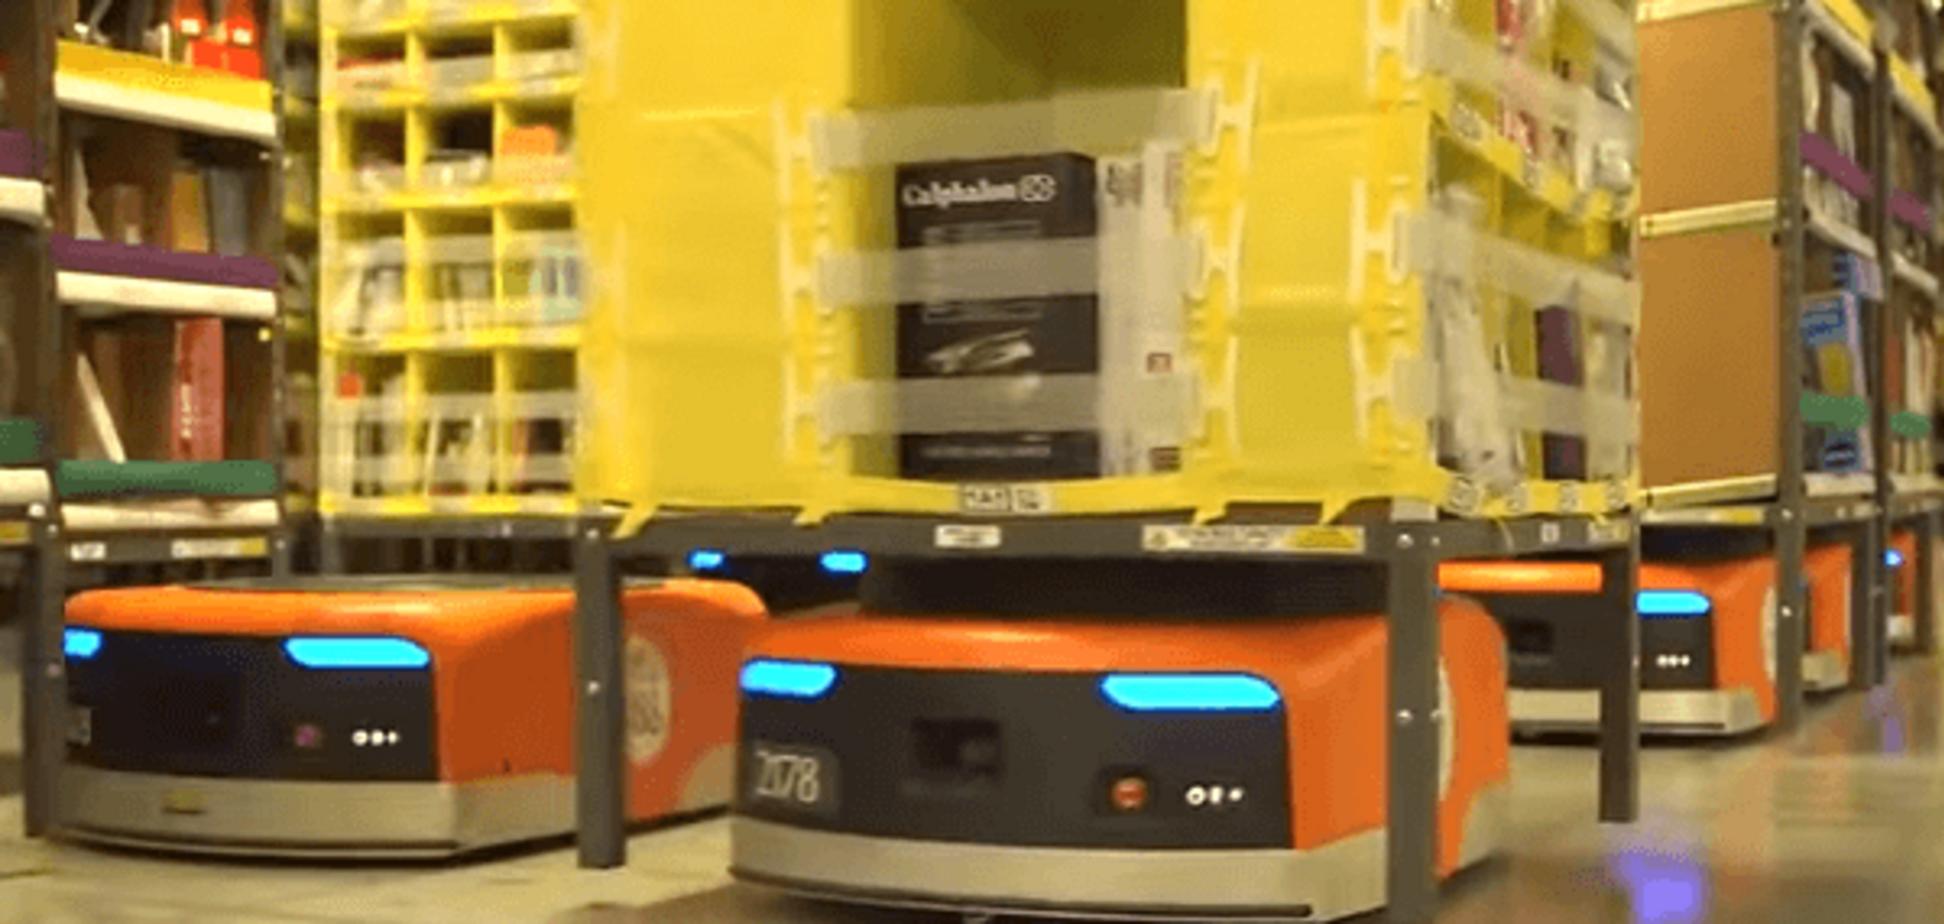 Видео из будущего: в сети показали, как работает Amazon